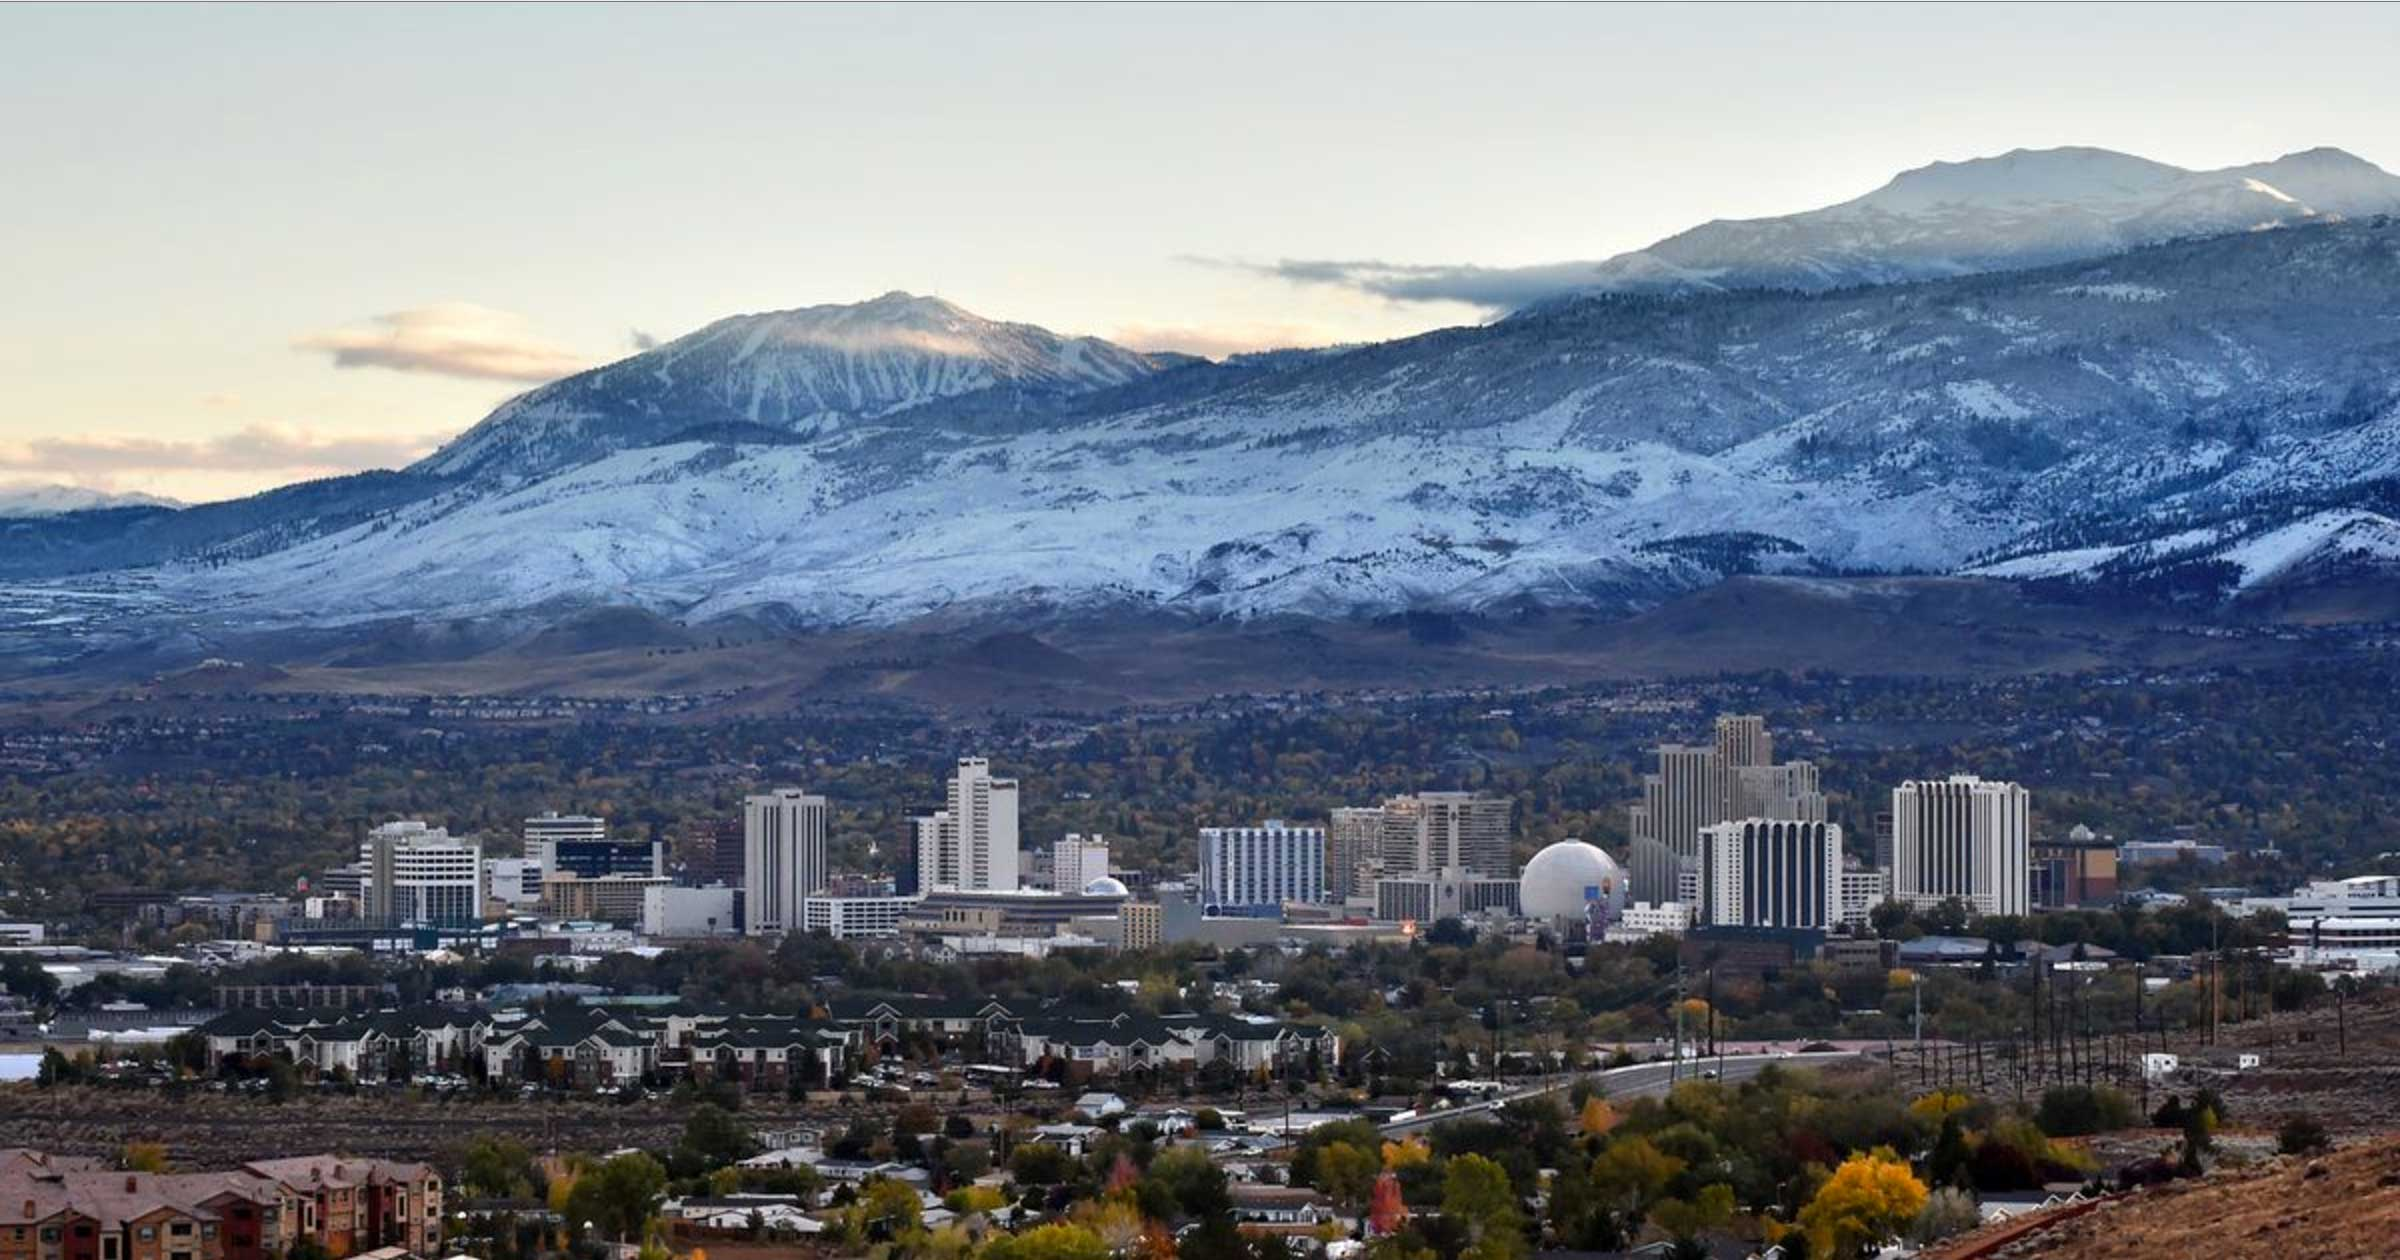 Reno Bing Images